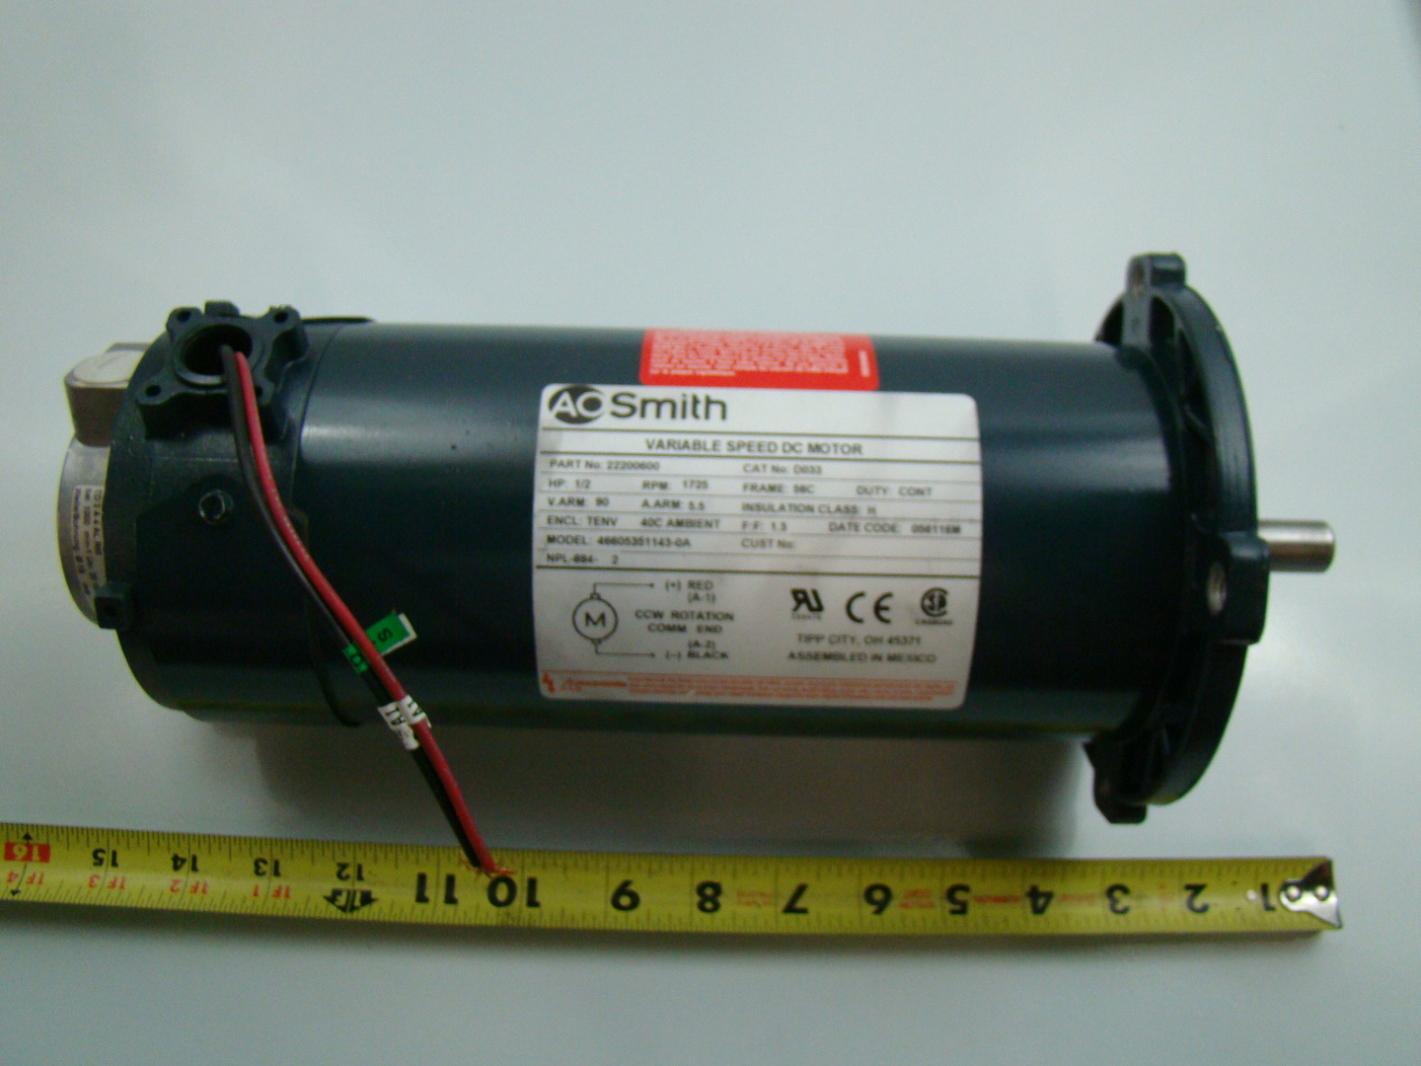 Ao smith 1 2 hp 1725 rpm dc motor 22200600 d033 ebay for Ao smith 1 2 hp motor